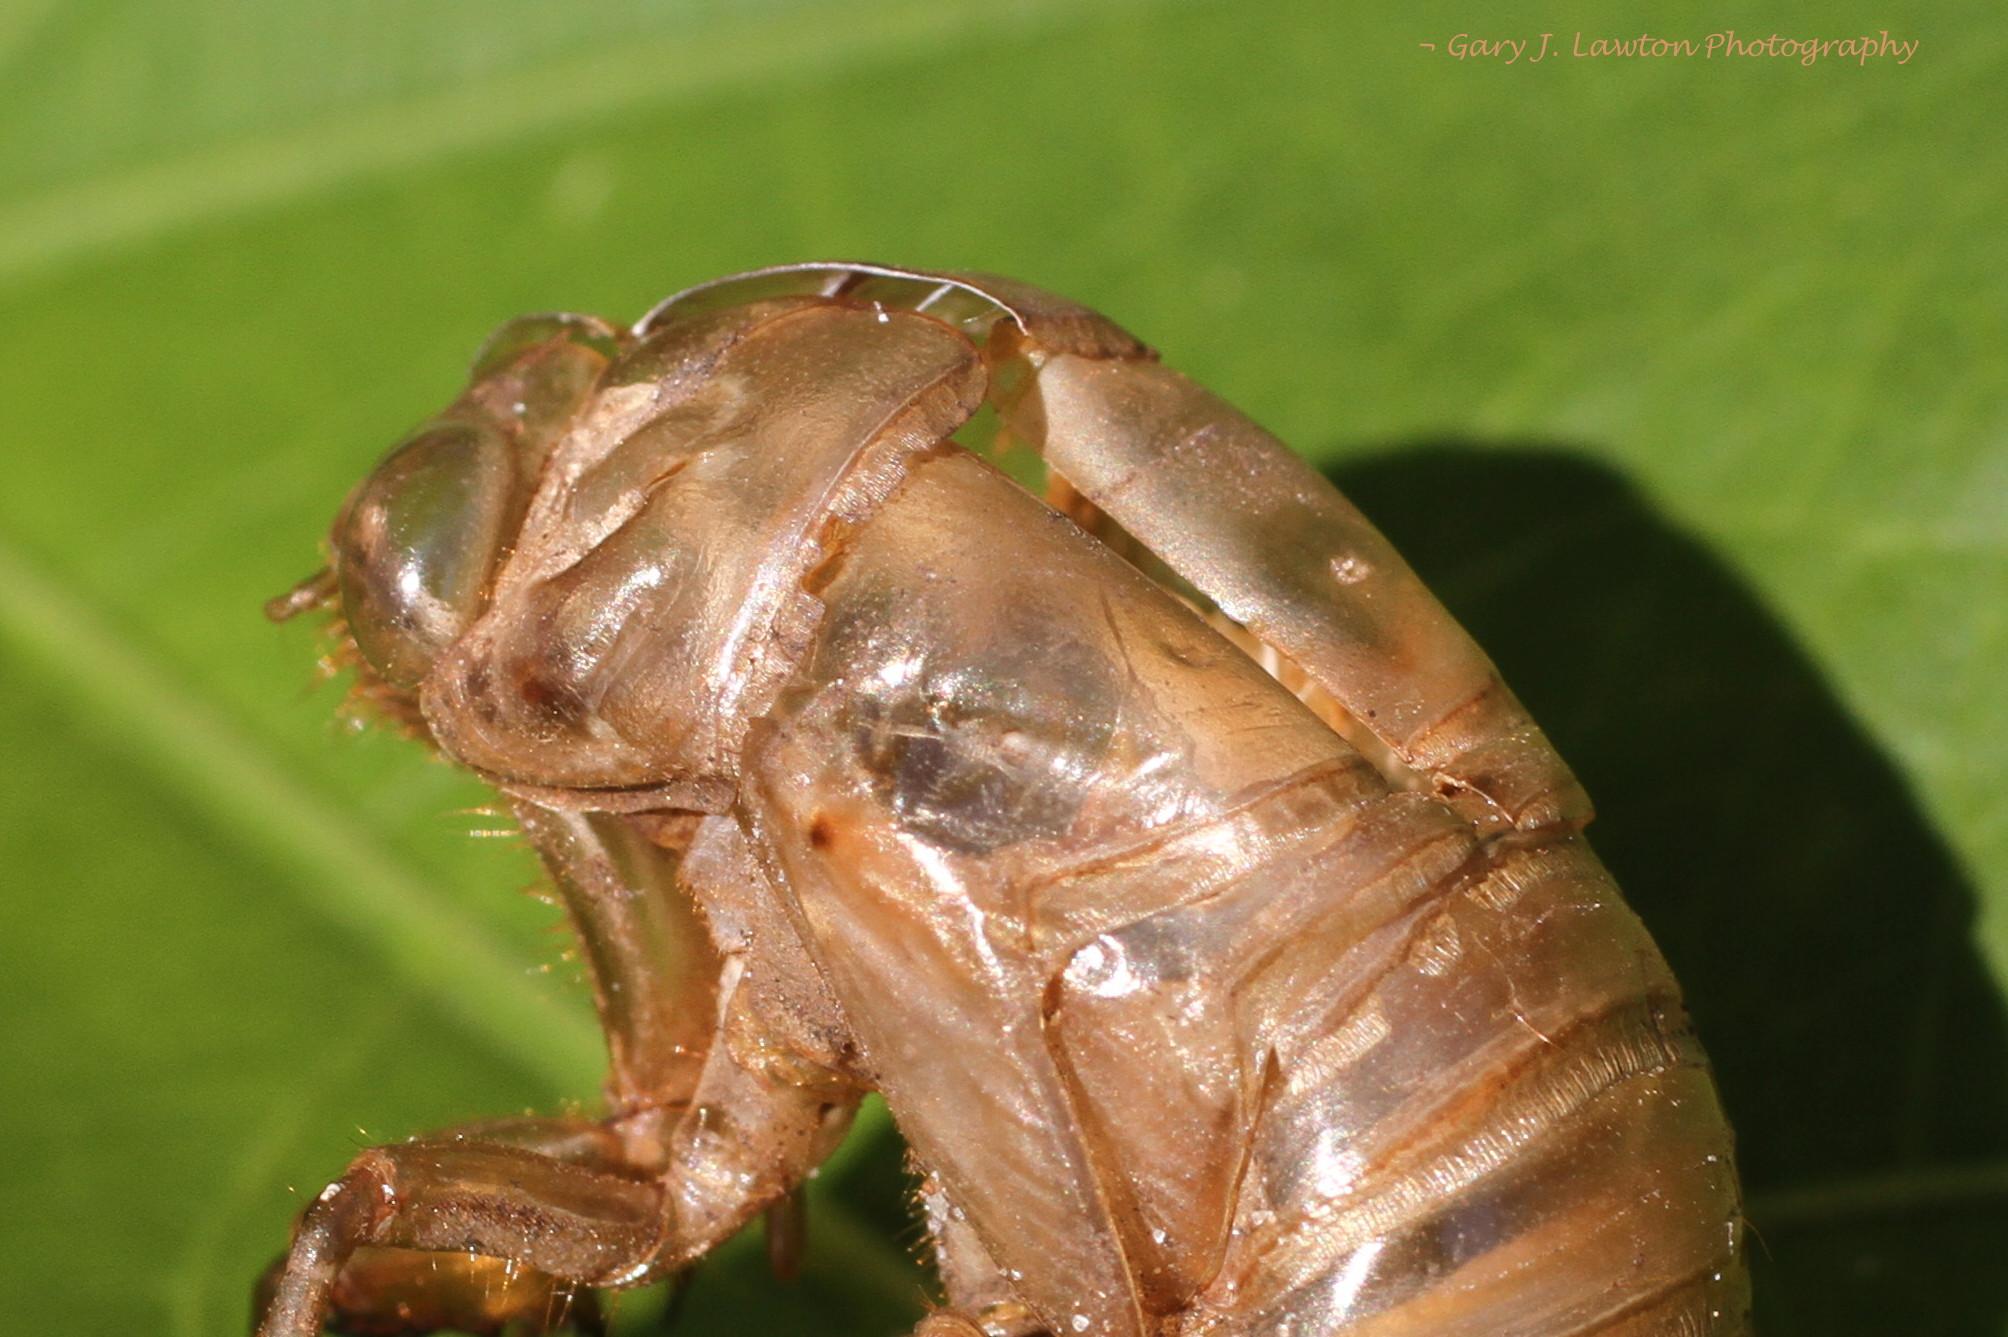 cicada nymph - photo #17